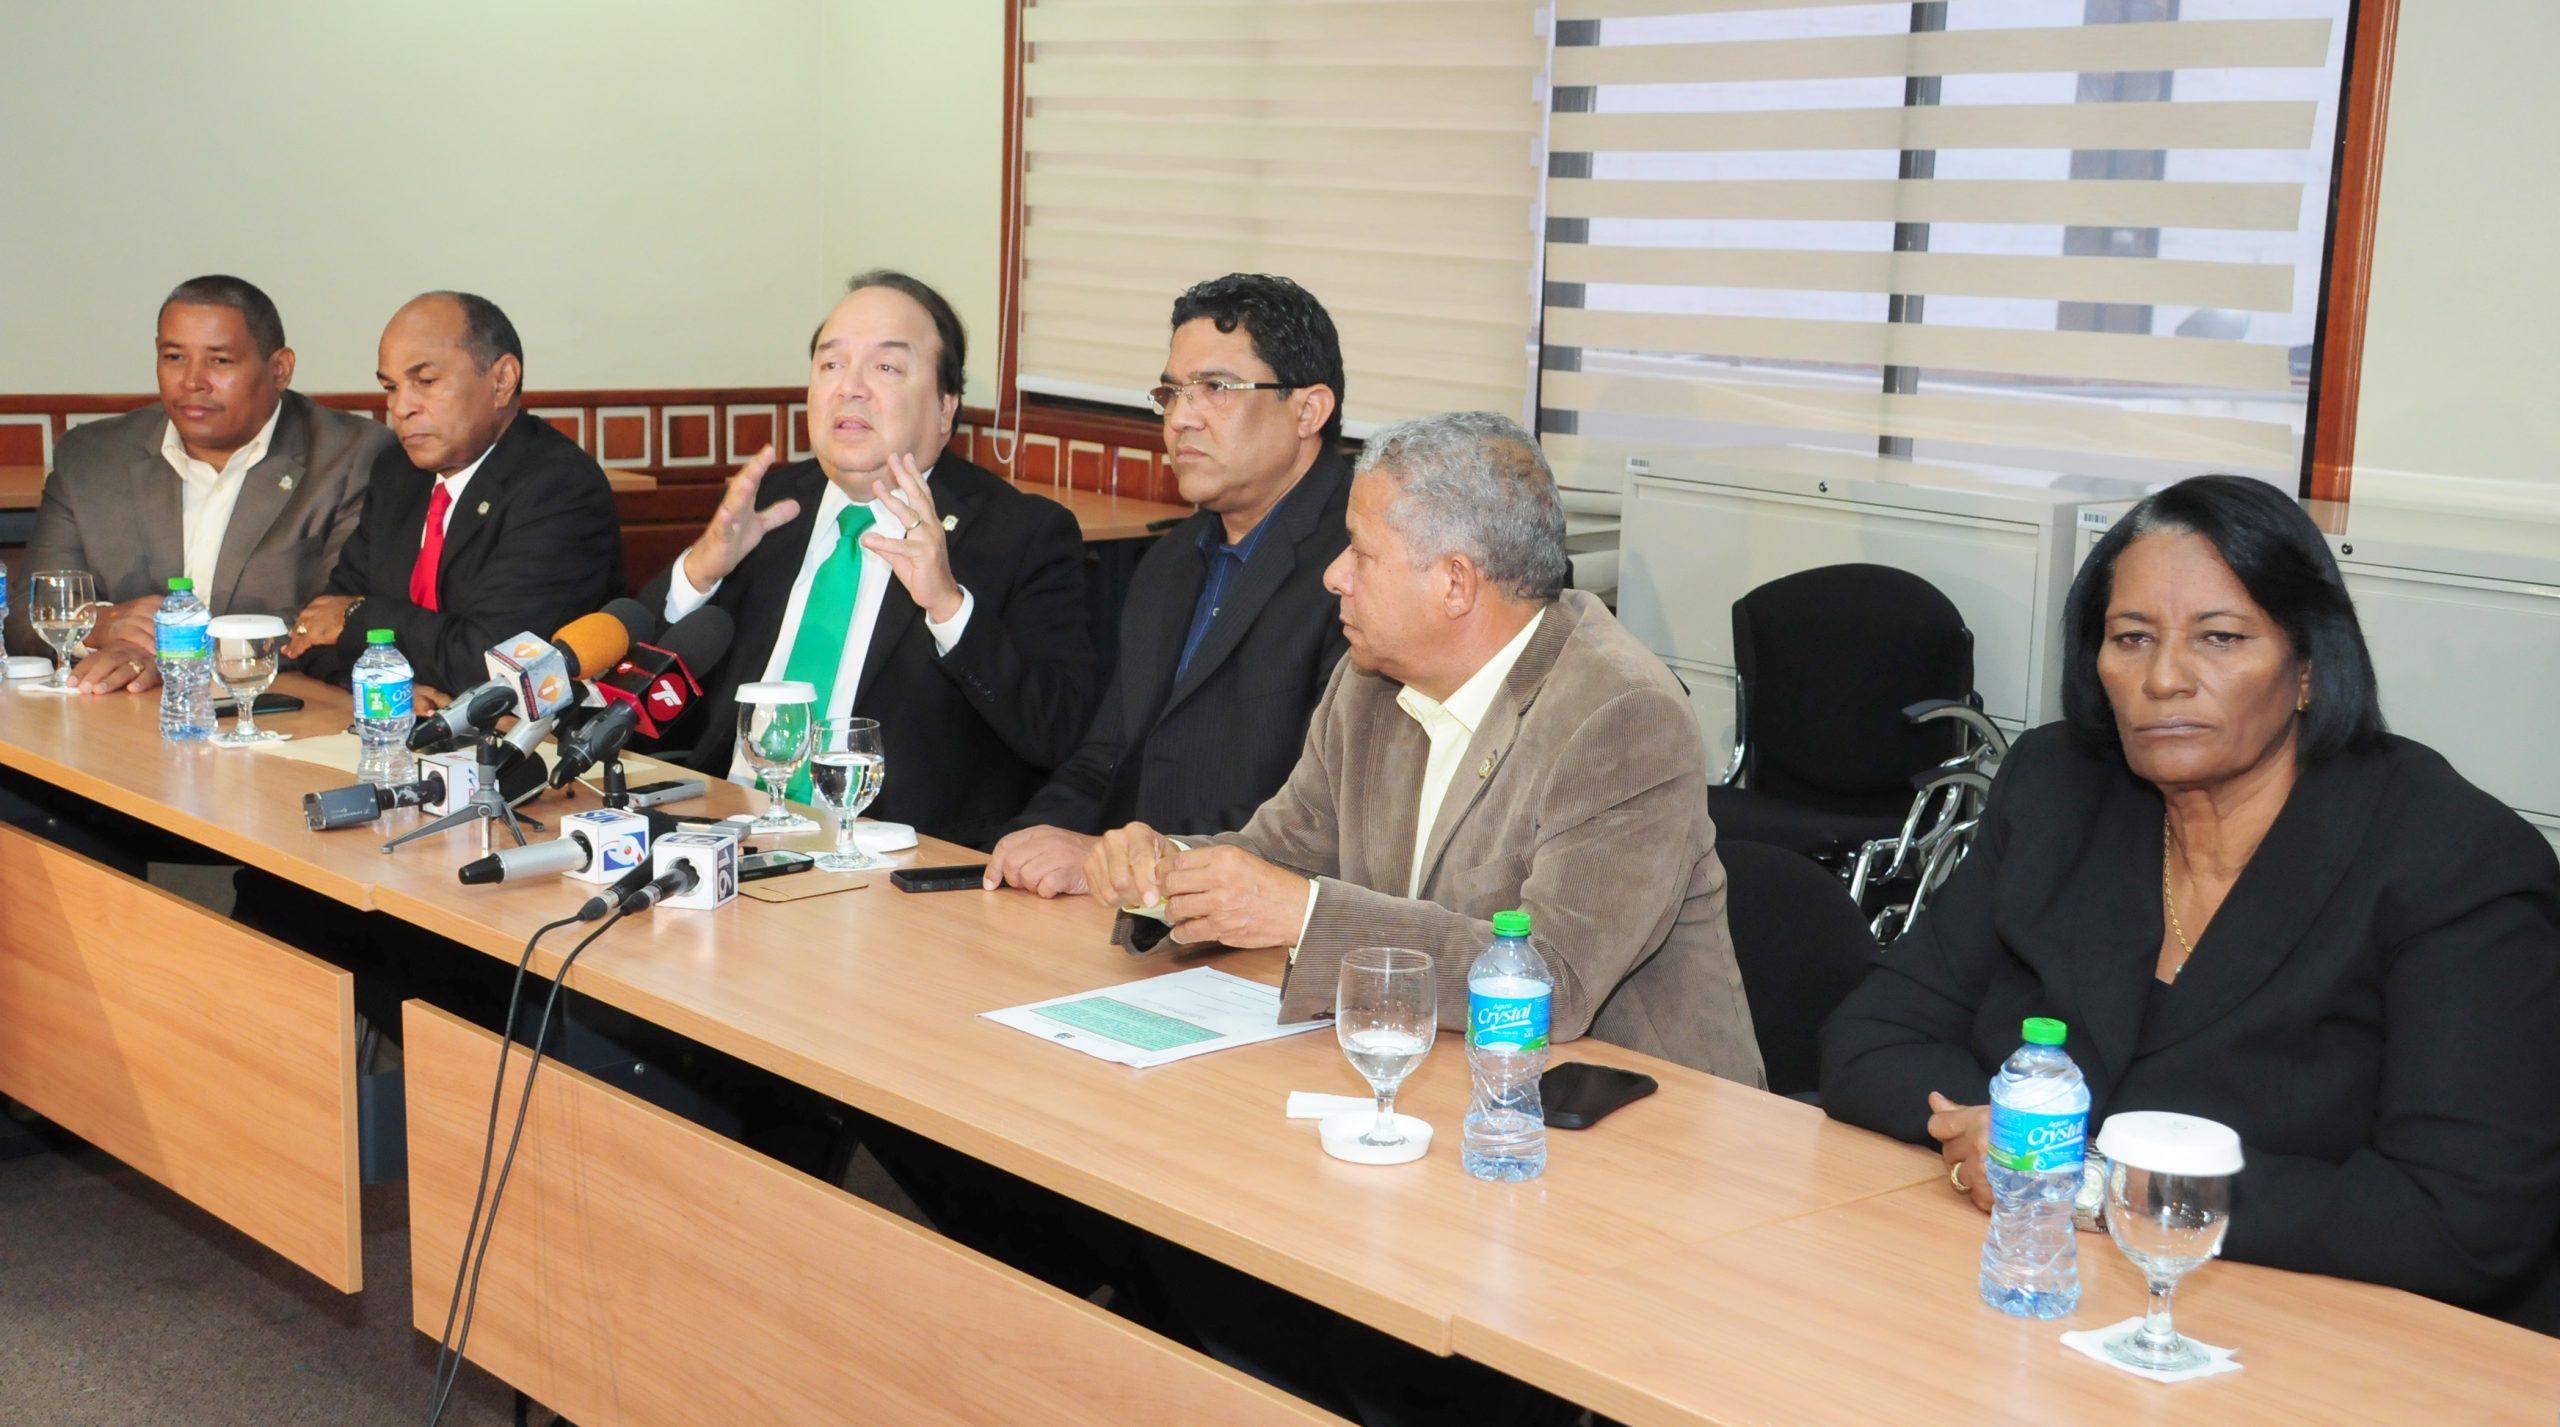 La Comisión de Asuntos Fronterizos recomendará el sistema de seguridad en la frontera, durante la próxima legislatura.